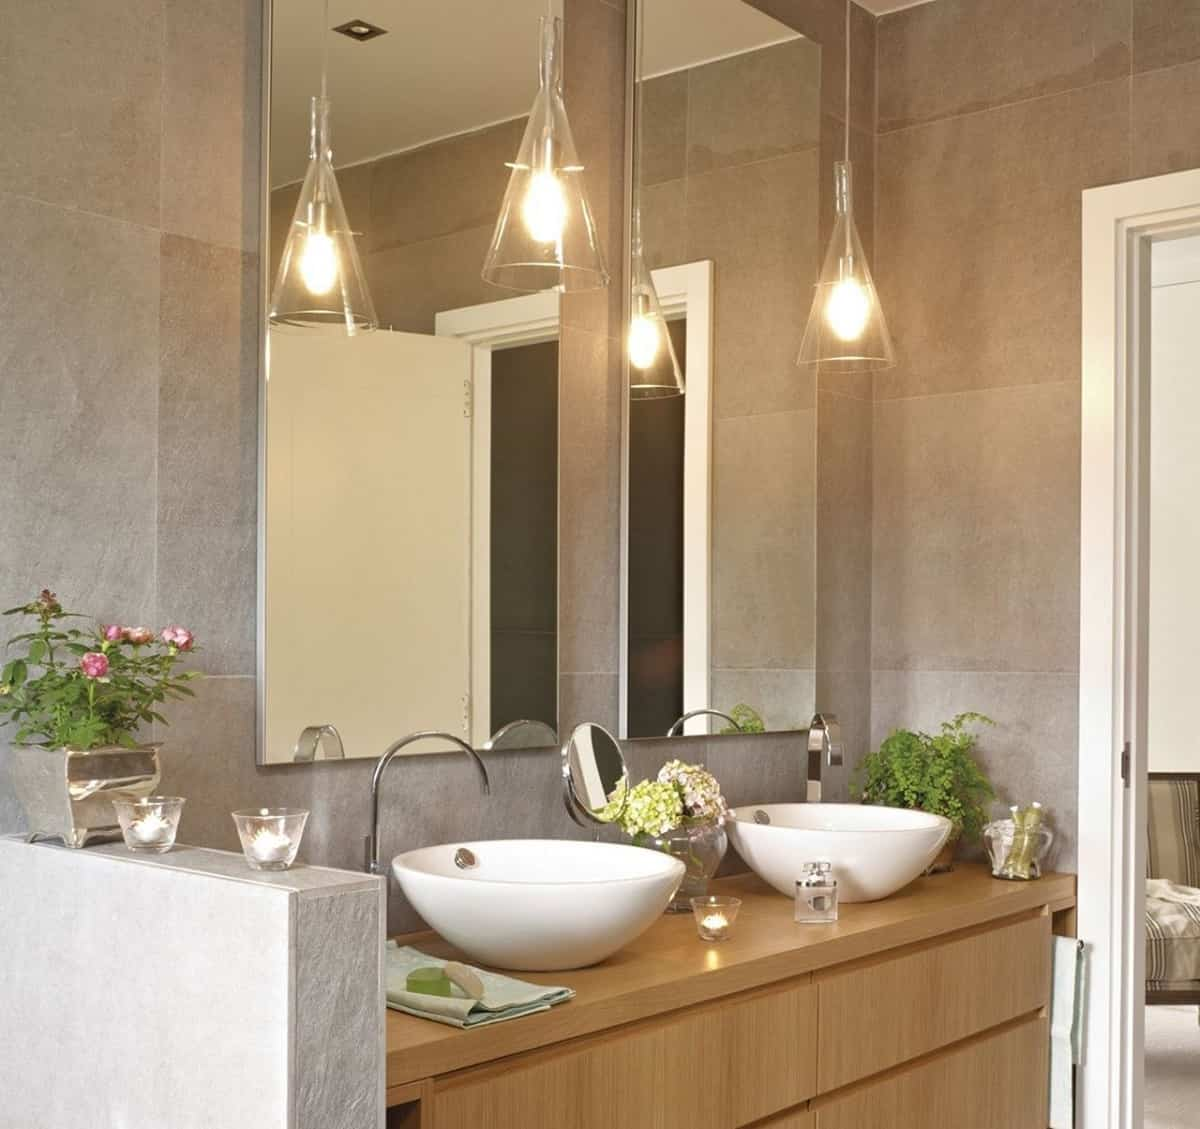 guia para escoger la lampara perfecta para cada espacio de la casa 4